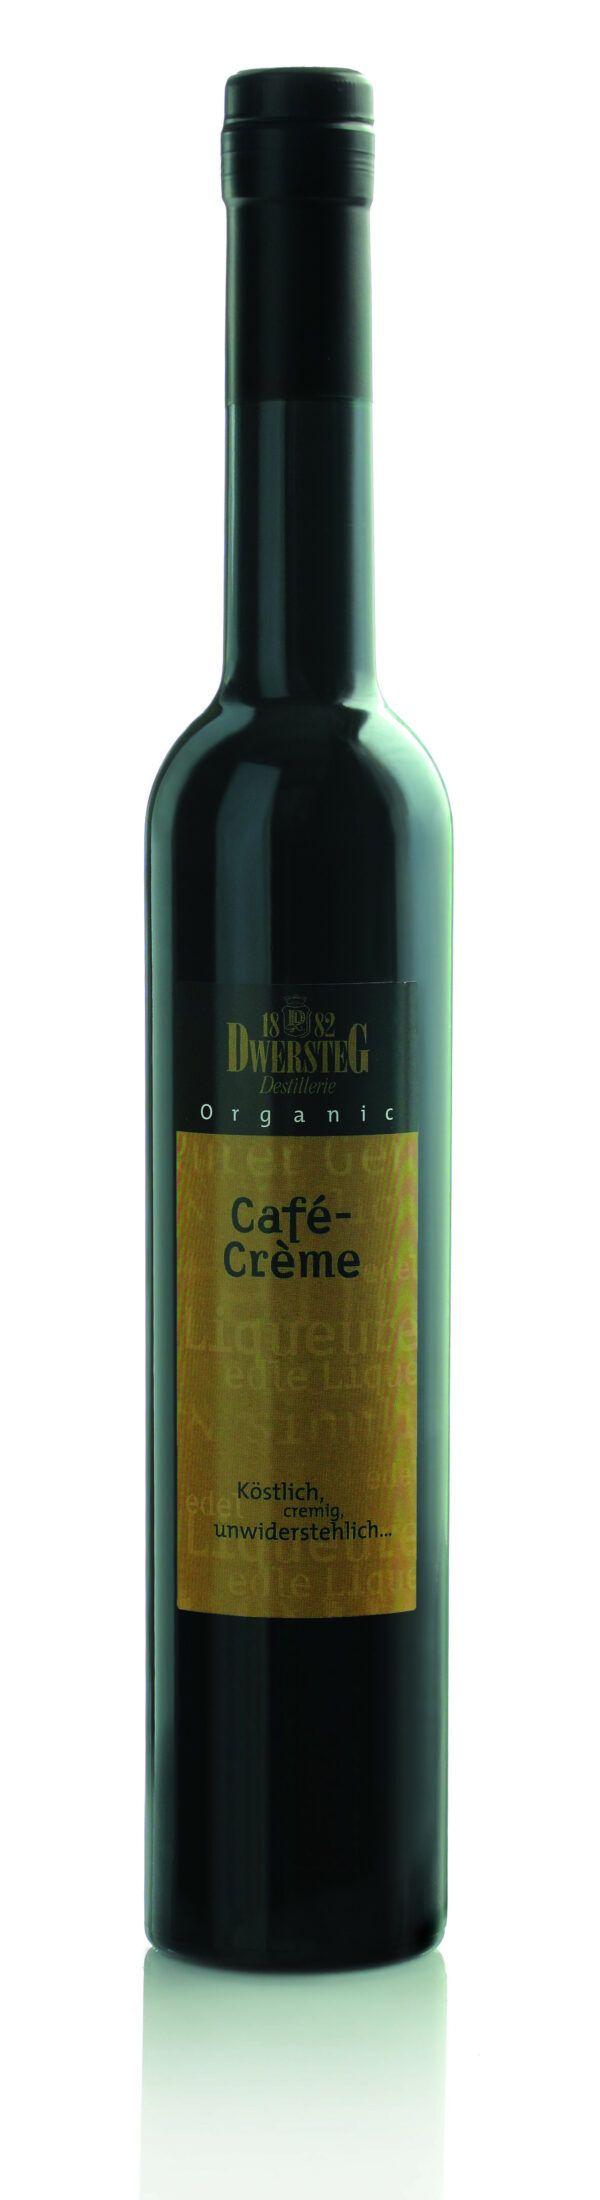 Dwersteg Organic Café-Creme 0,5l